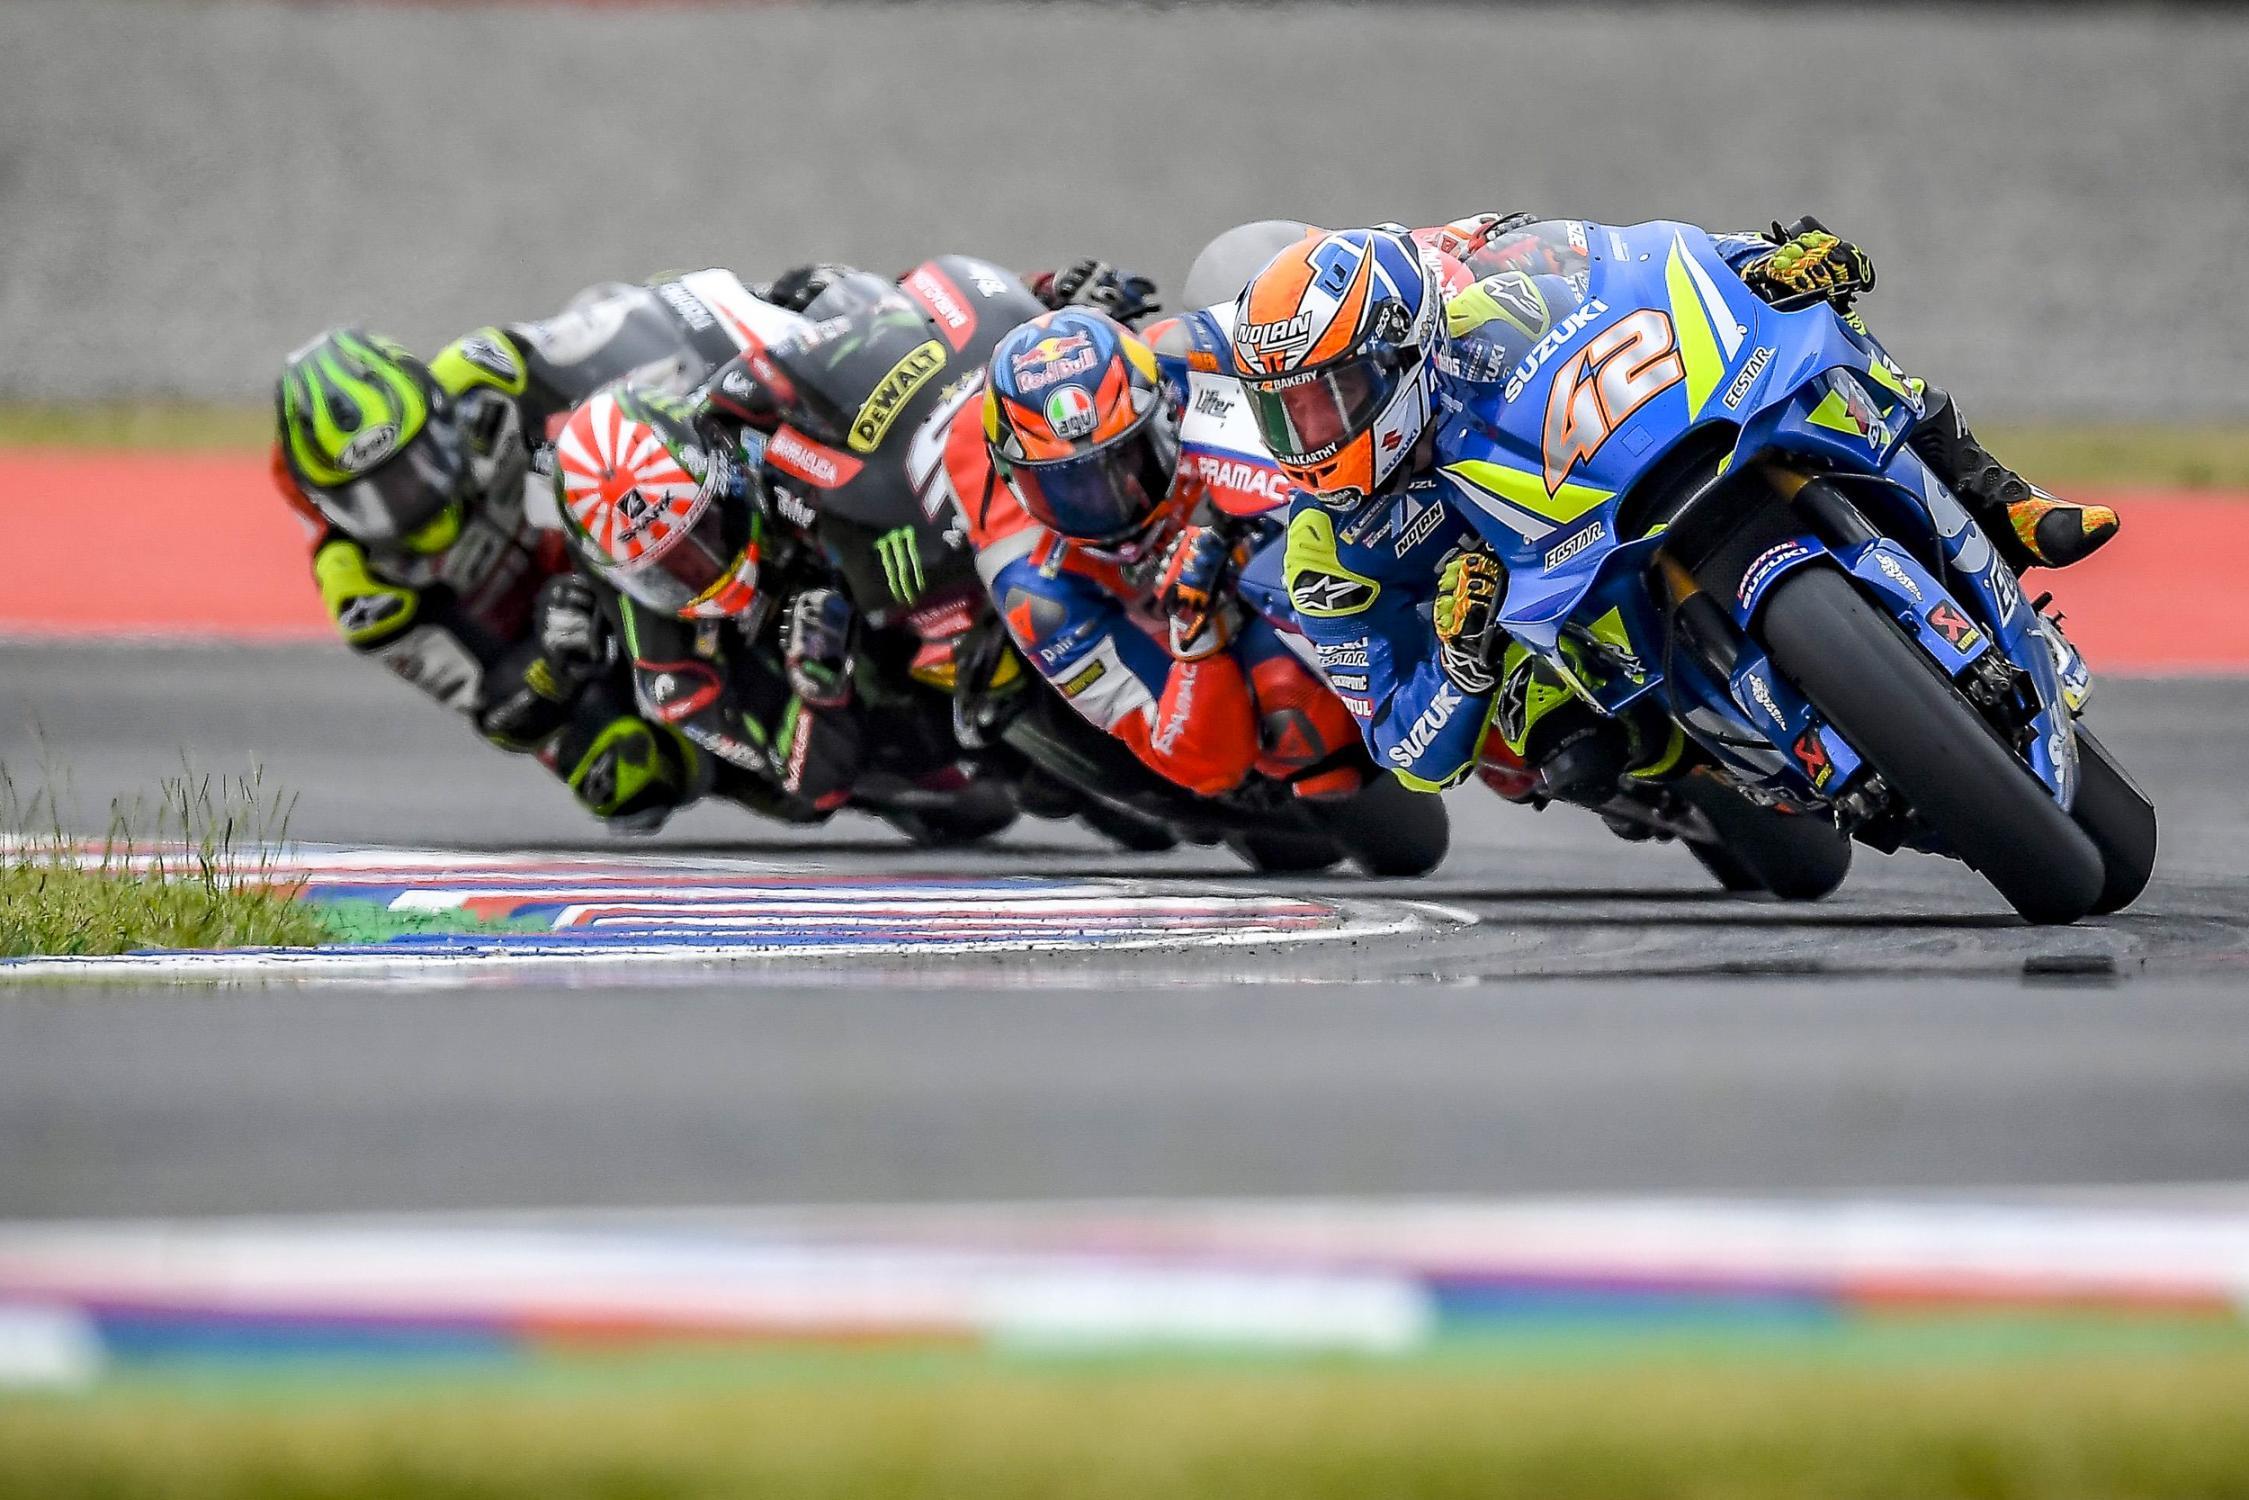 MotoGP Termas de Rio Hondo